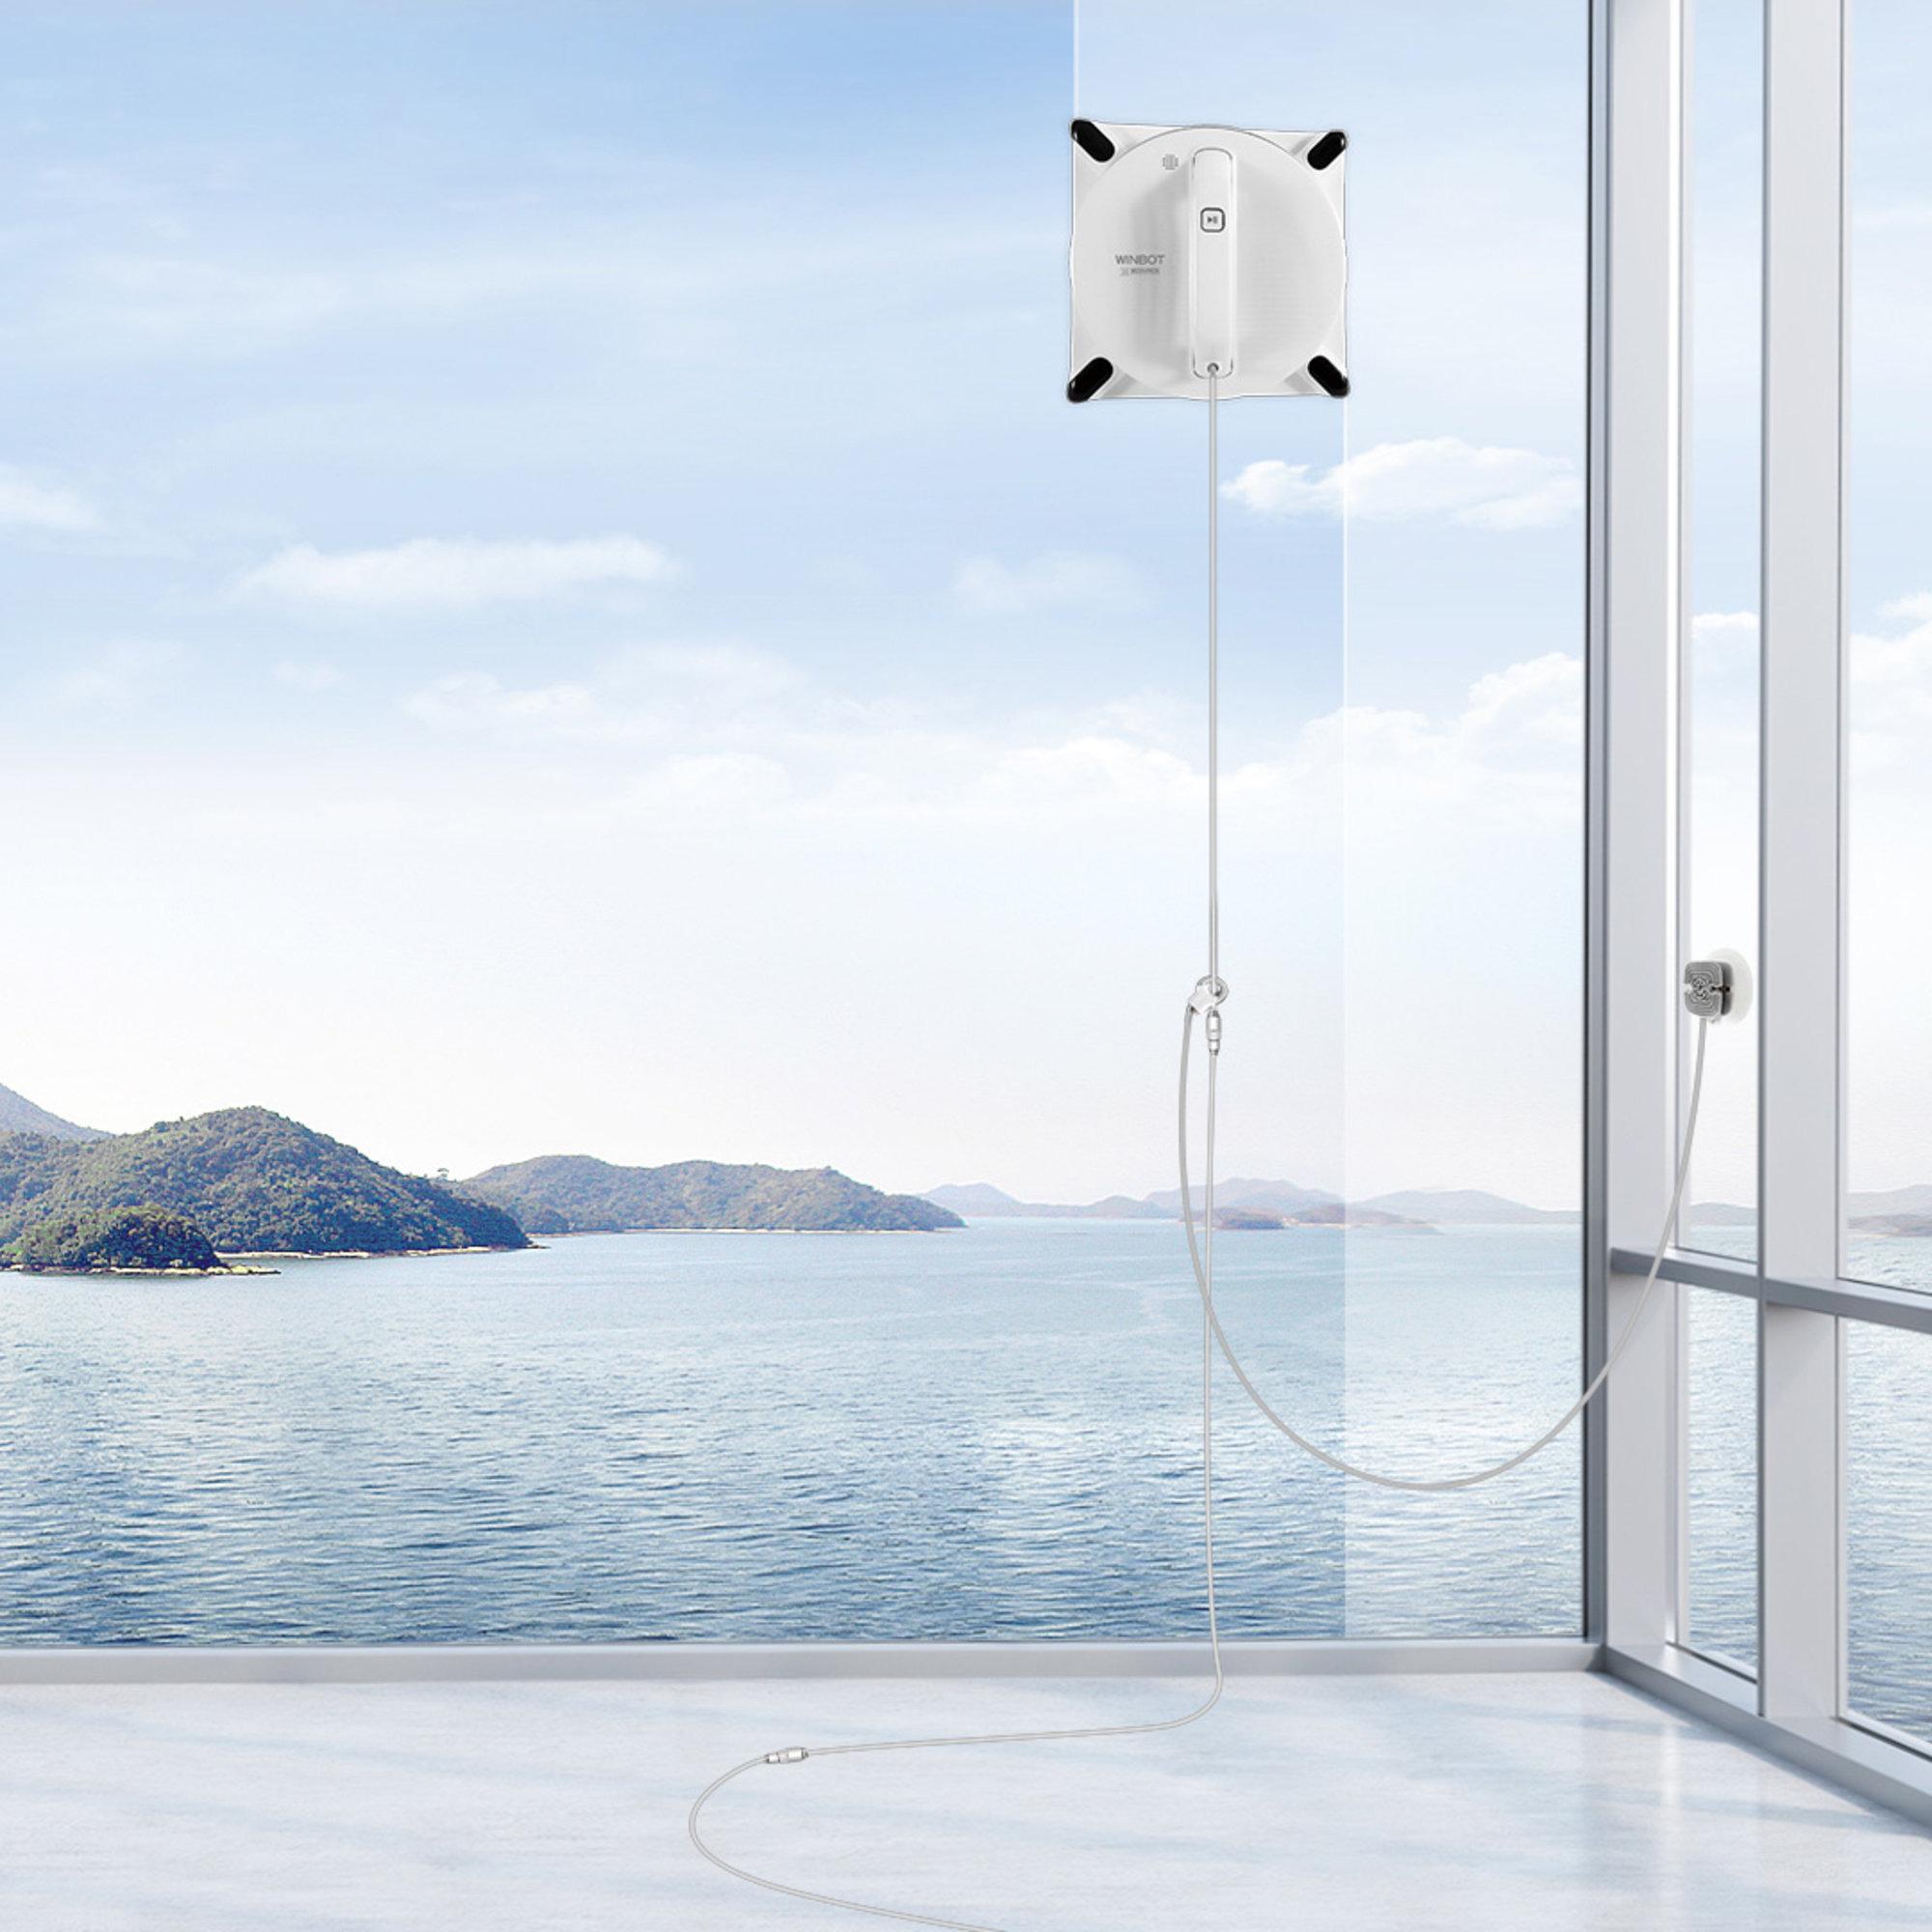 winbot 950 vinduesvasker fra ecovacs » bestil her